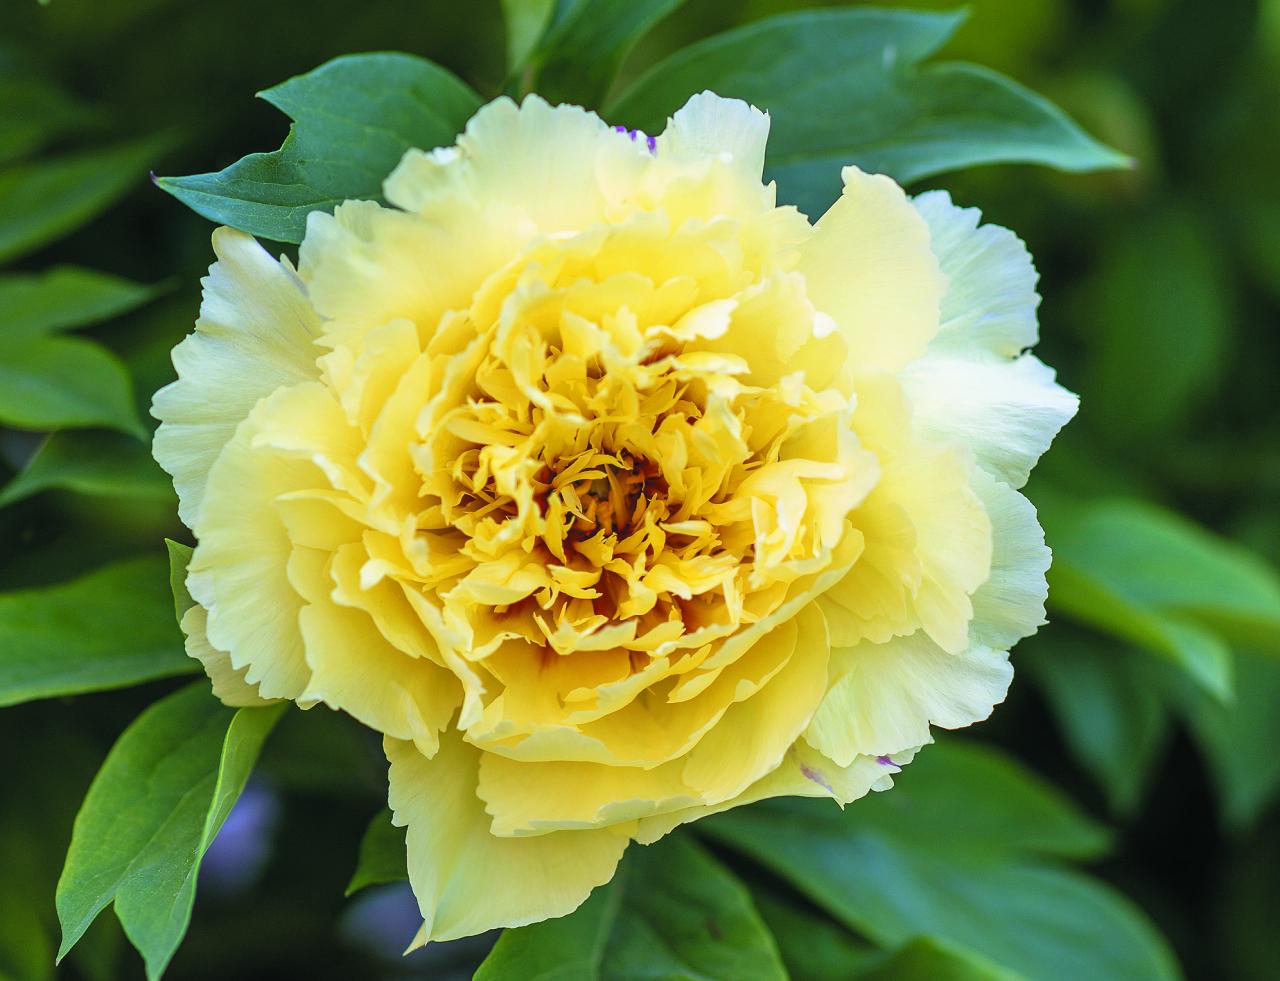 Sonoma Halo. Katra dārza lepnums – reta un dārga amerikāņu selekcionāres Airīnas Tolomeo 2006. gadā radīta šķirne. Pirmā pilnībā pildītā peonija dzeltenā krāsā, diametrs līdz 15 cm. Ziedkopas pildījums ir tik piesātināts, ka padara šo šķirni unikālu citu dzelteno peoniju vidū. Turklāt Dzintras krūms izceļas ar prāvu augumu – 1,5 m.